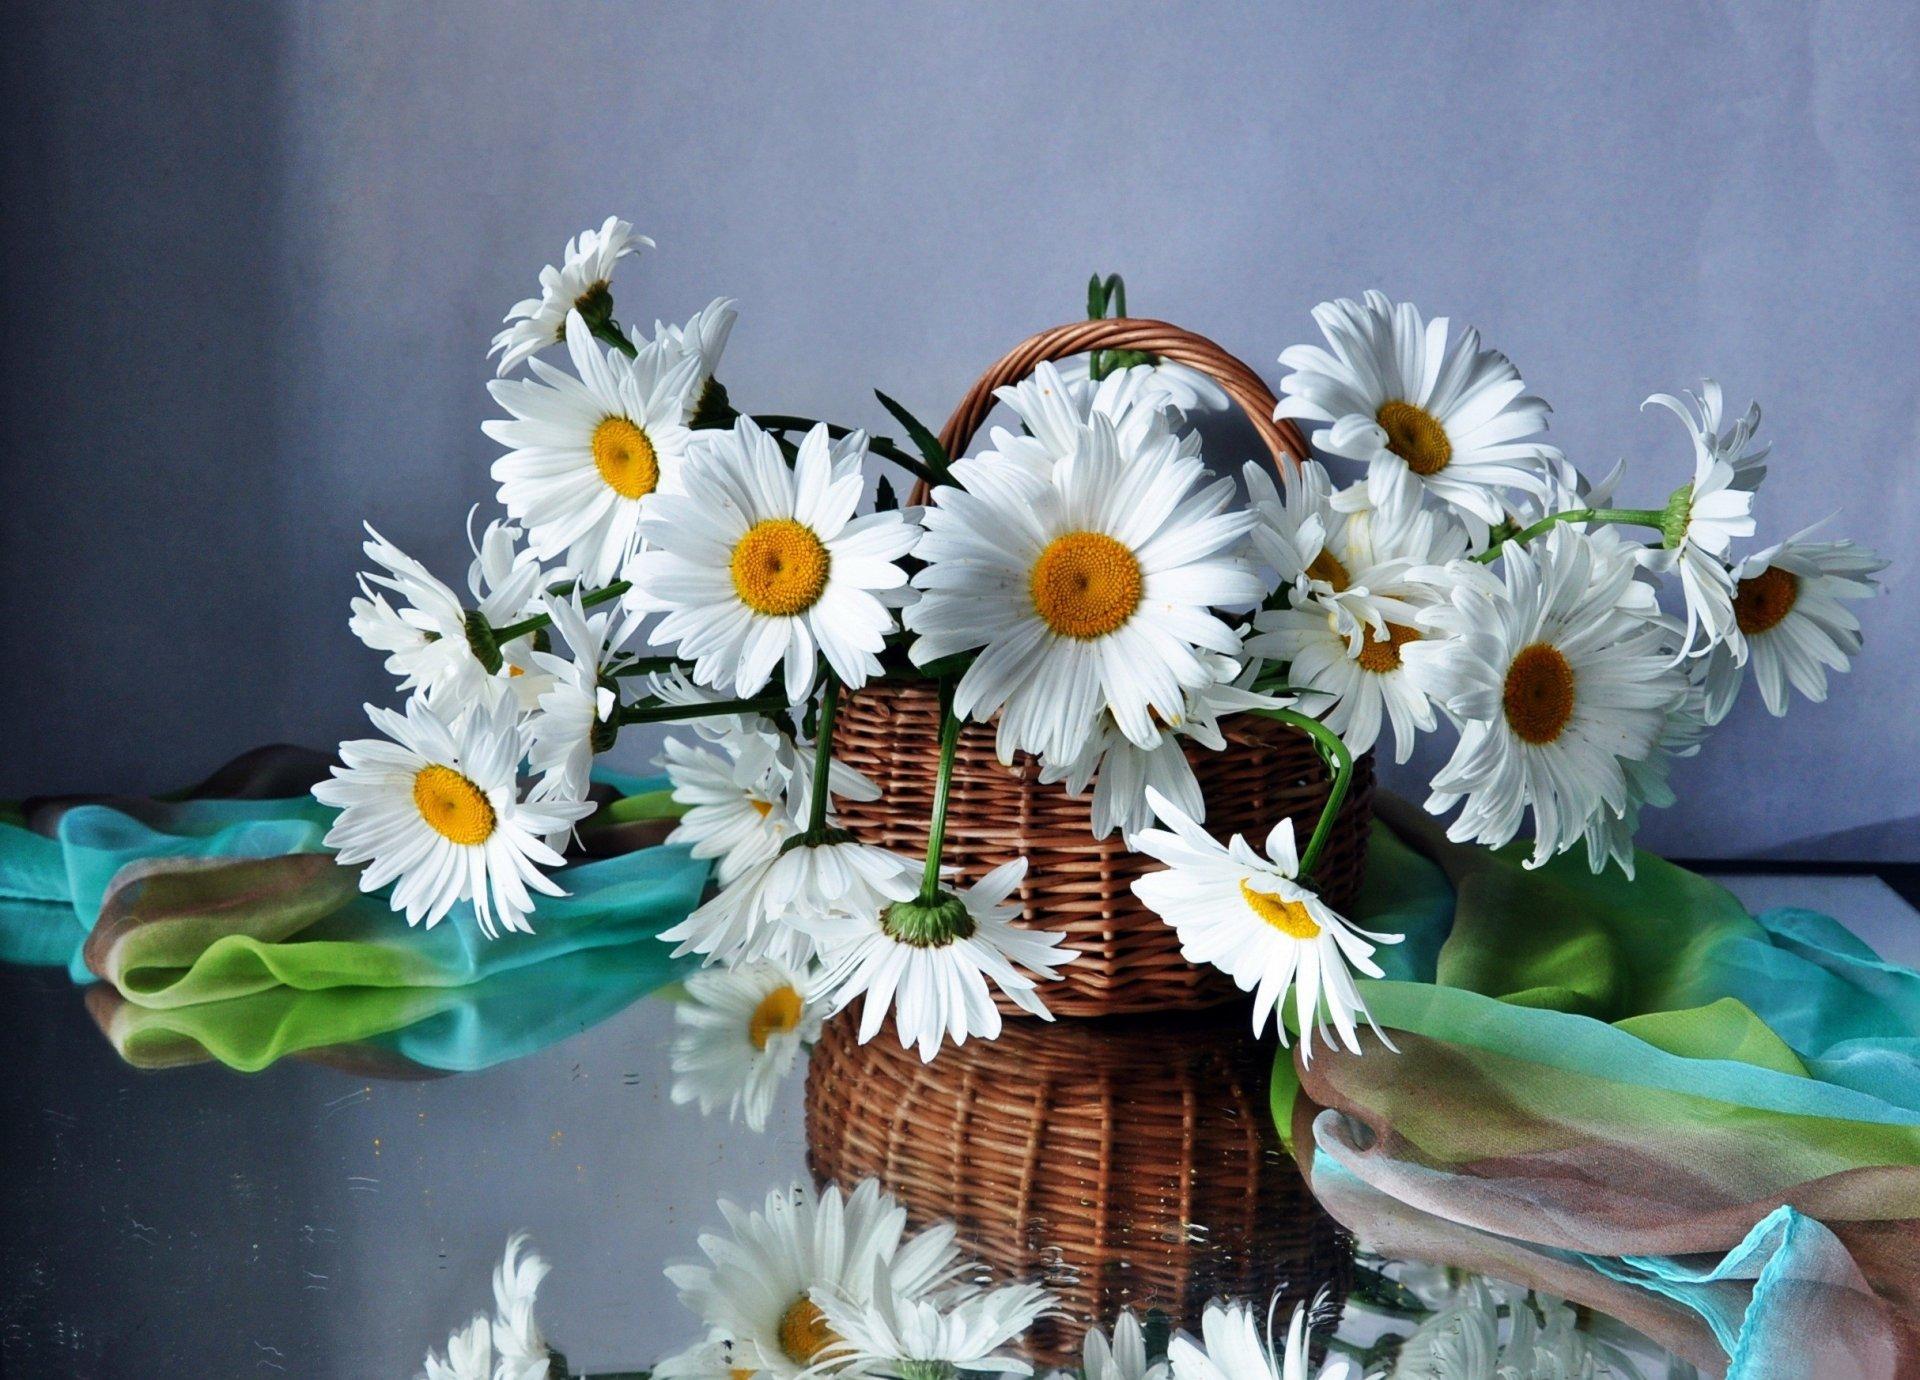 Картинки на рабочий стол полевые цветы самые красивые, днем бракосочетания